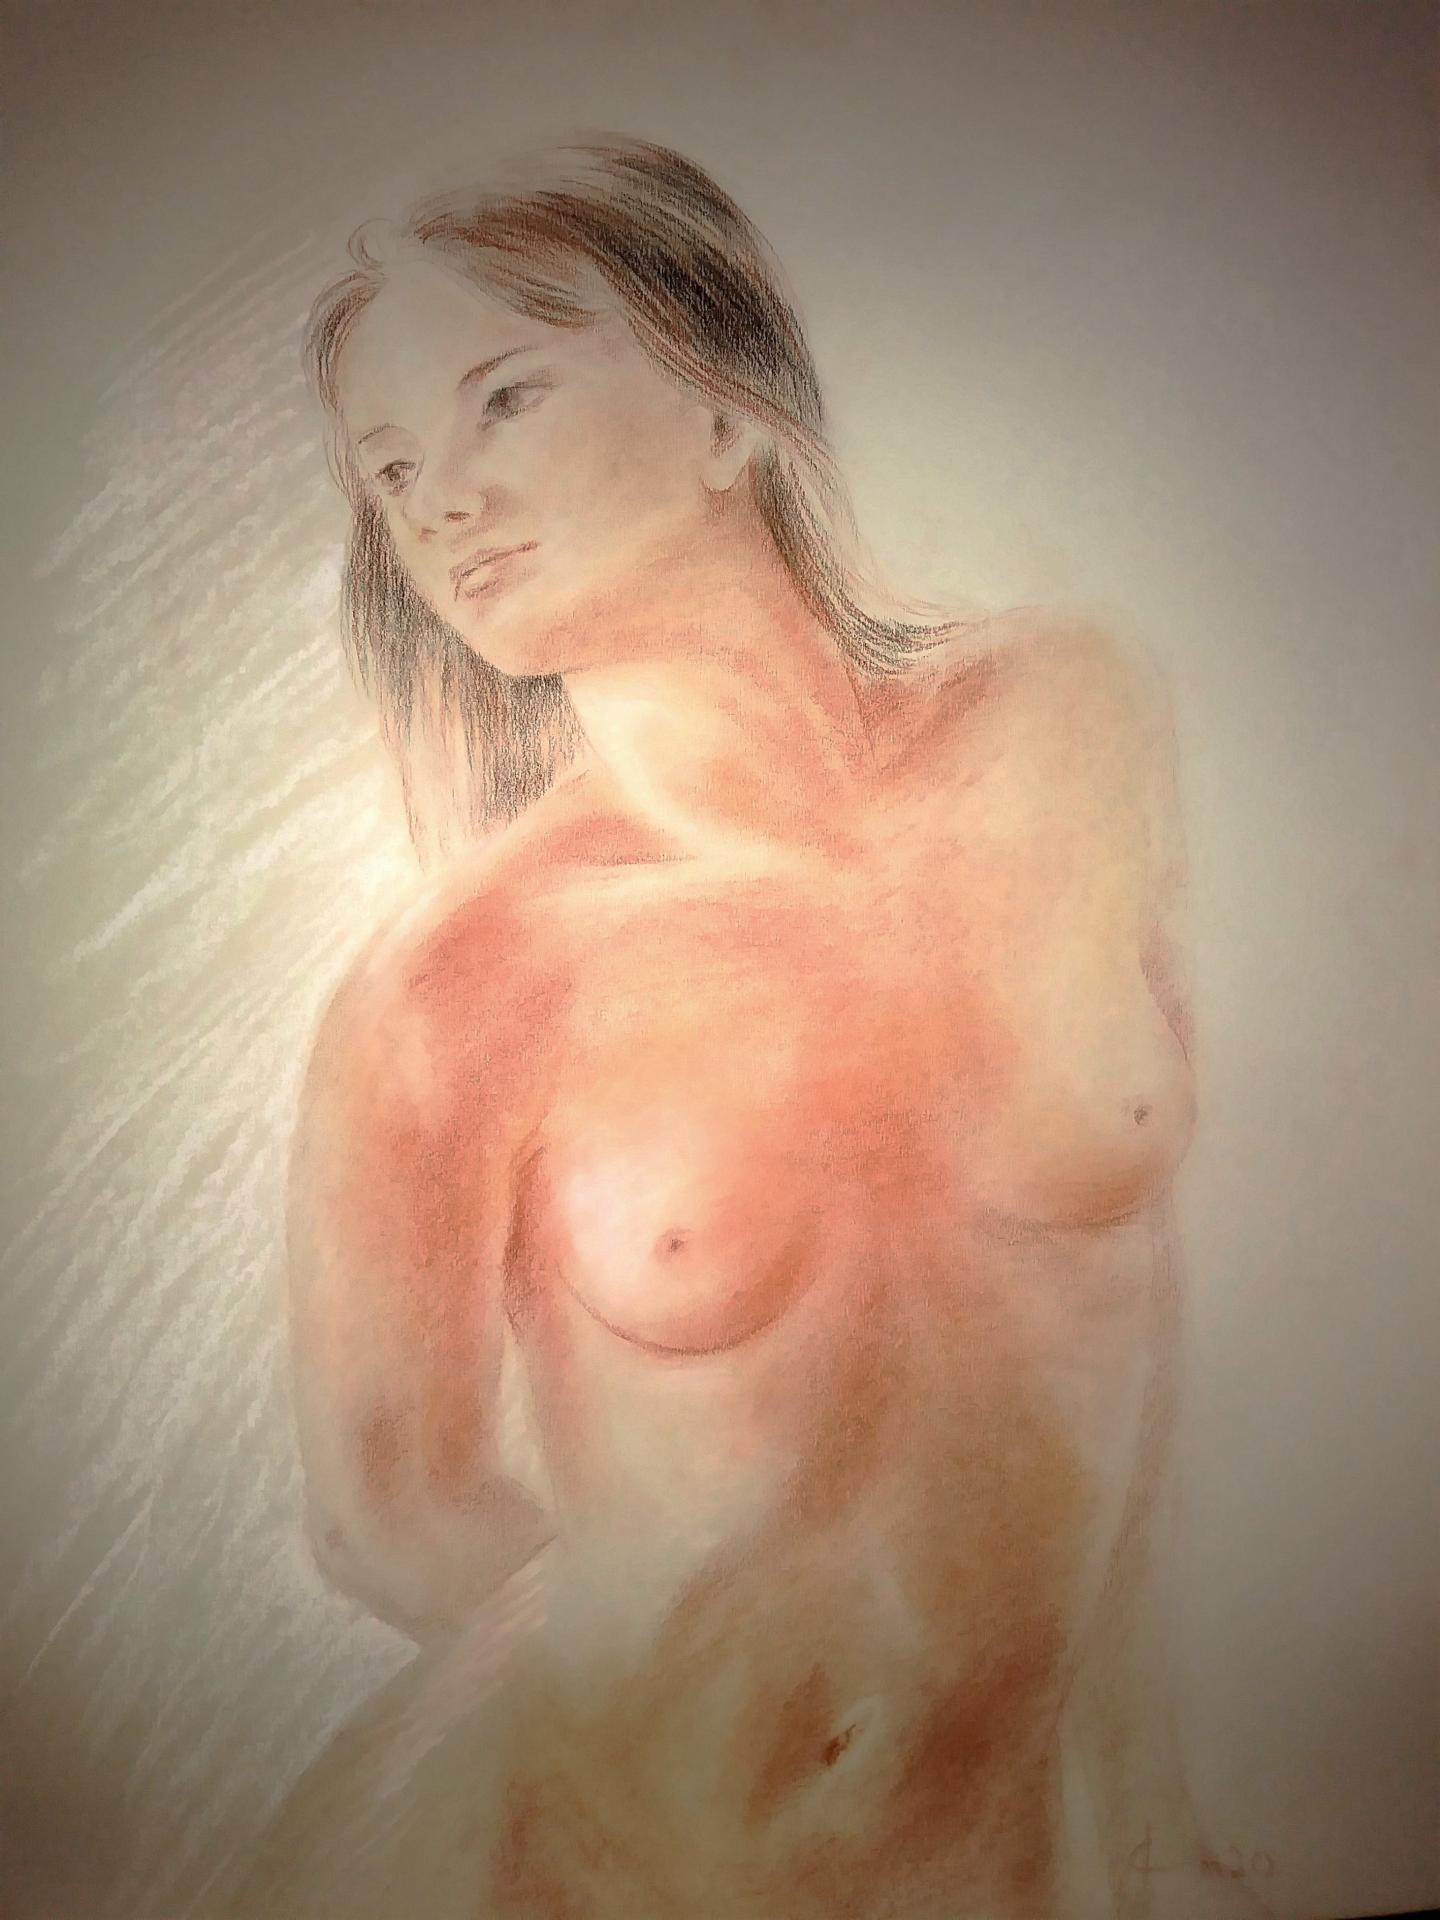 nu féminin sanguine et pierre noire